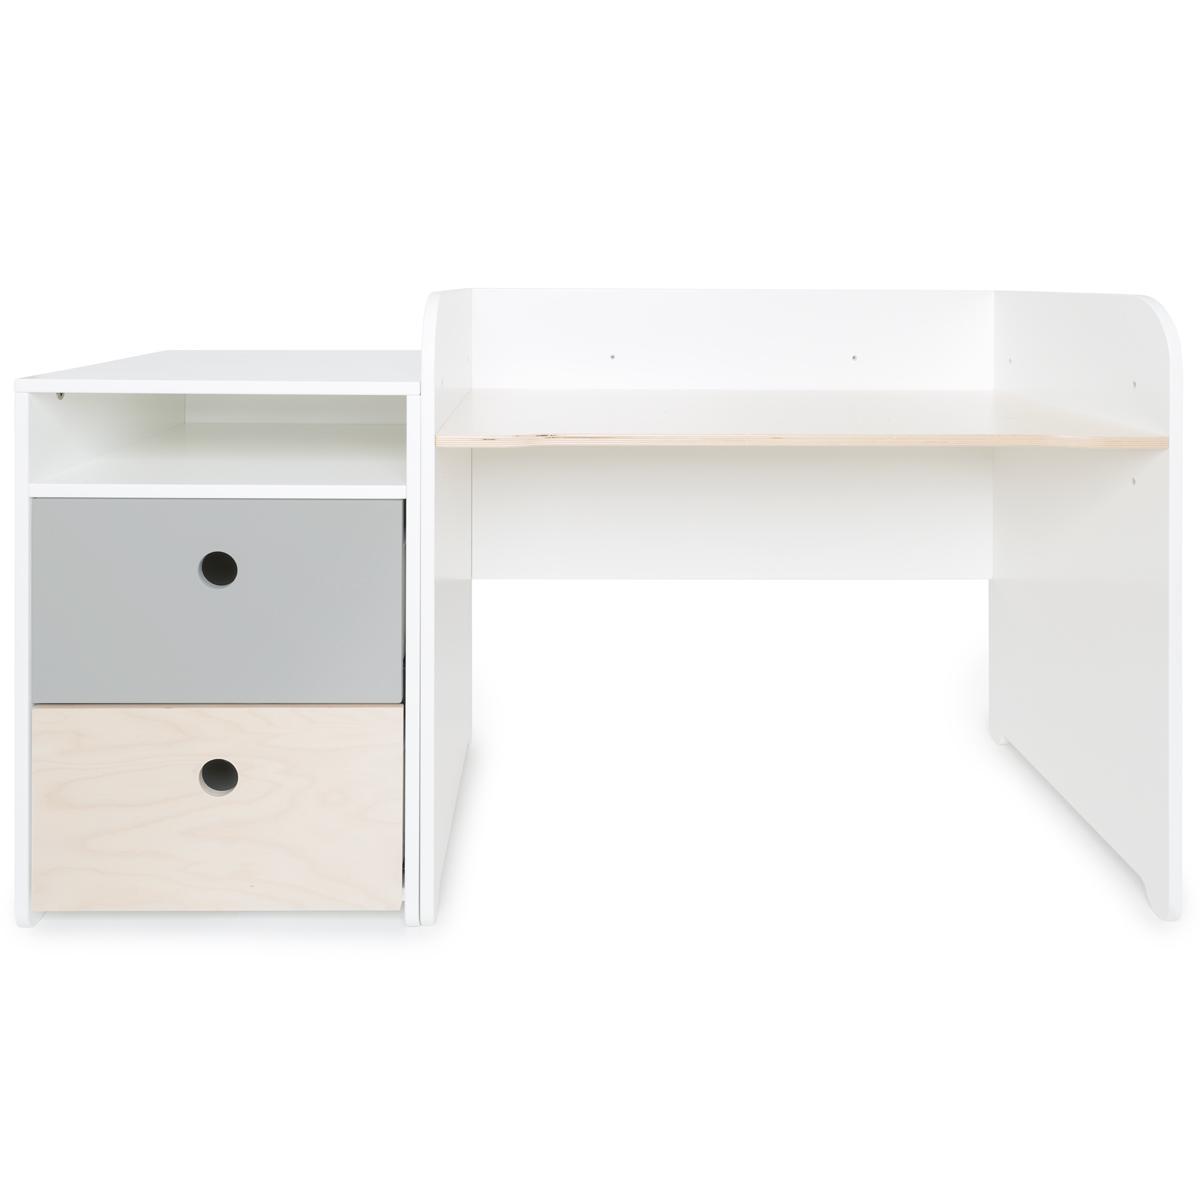 Escritorio evolutivo-mueble pequeño 2 cajones COLORFLEX Abitare Kids pearl grey-white wash